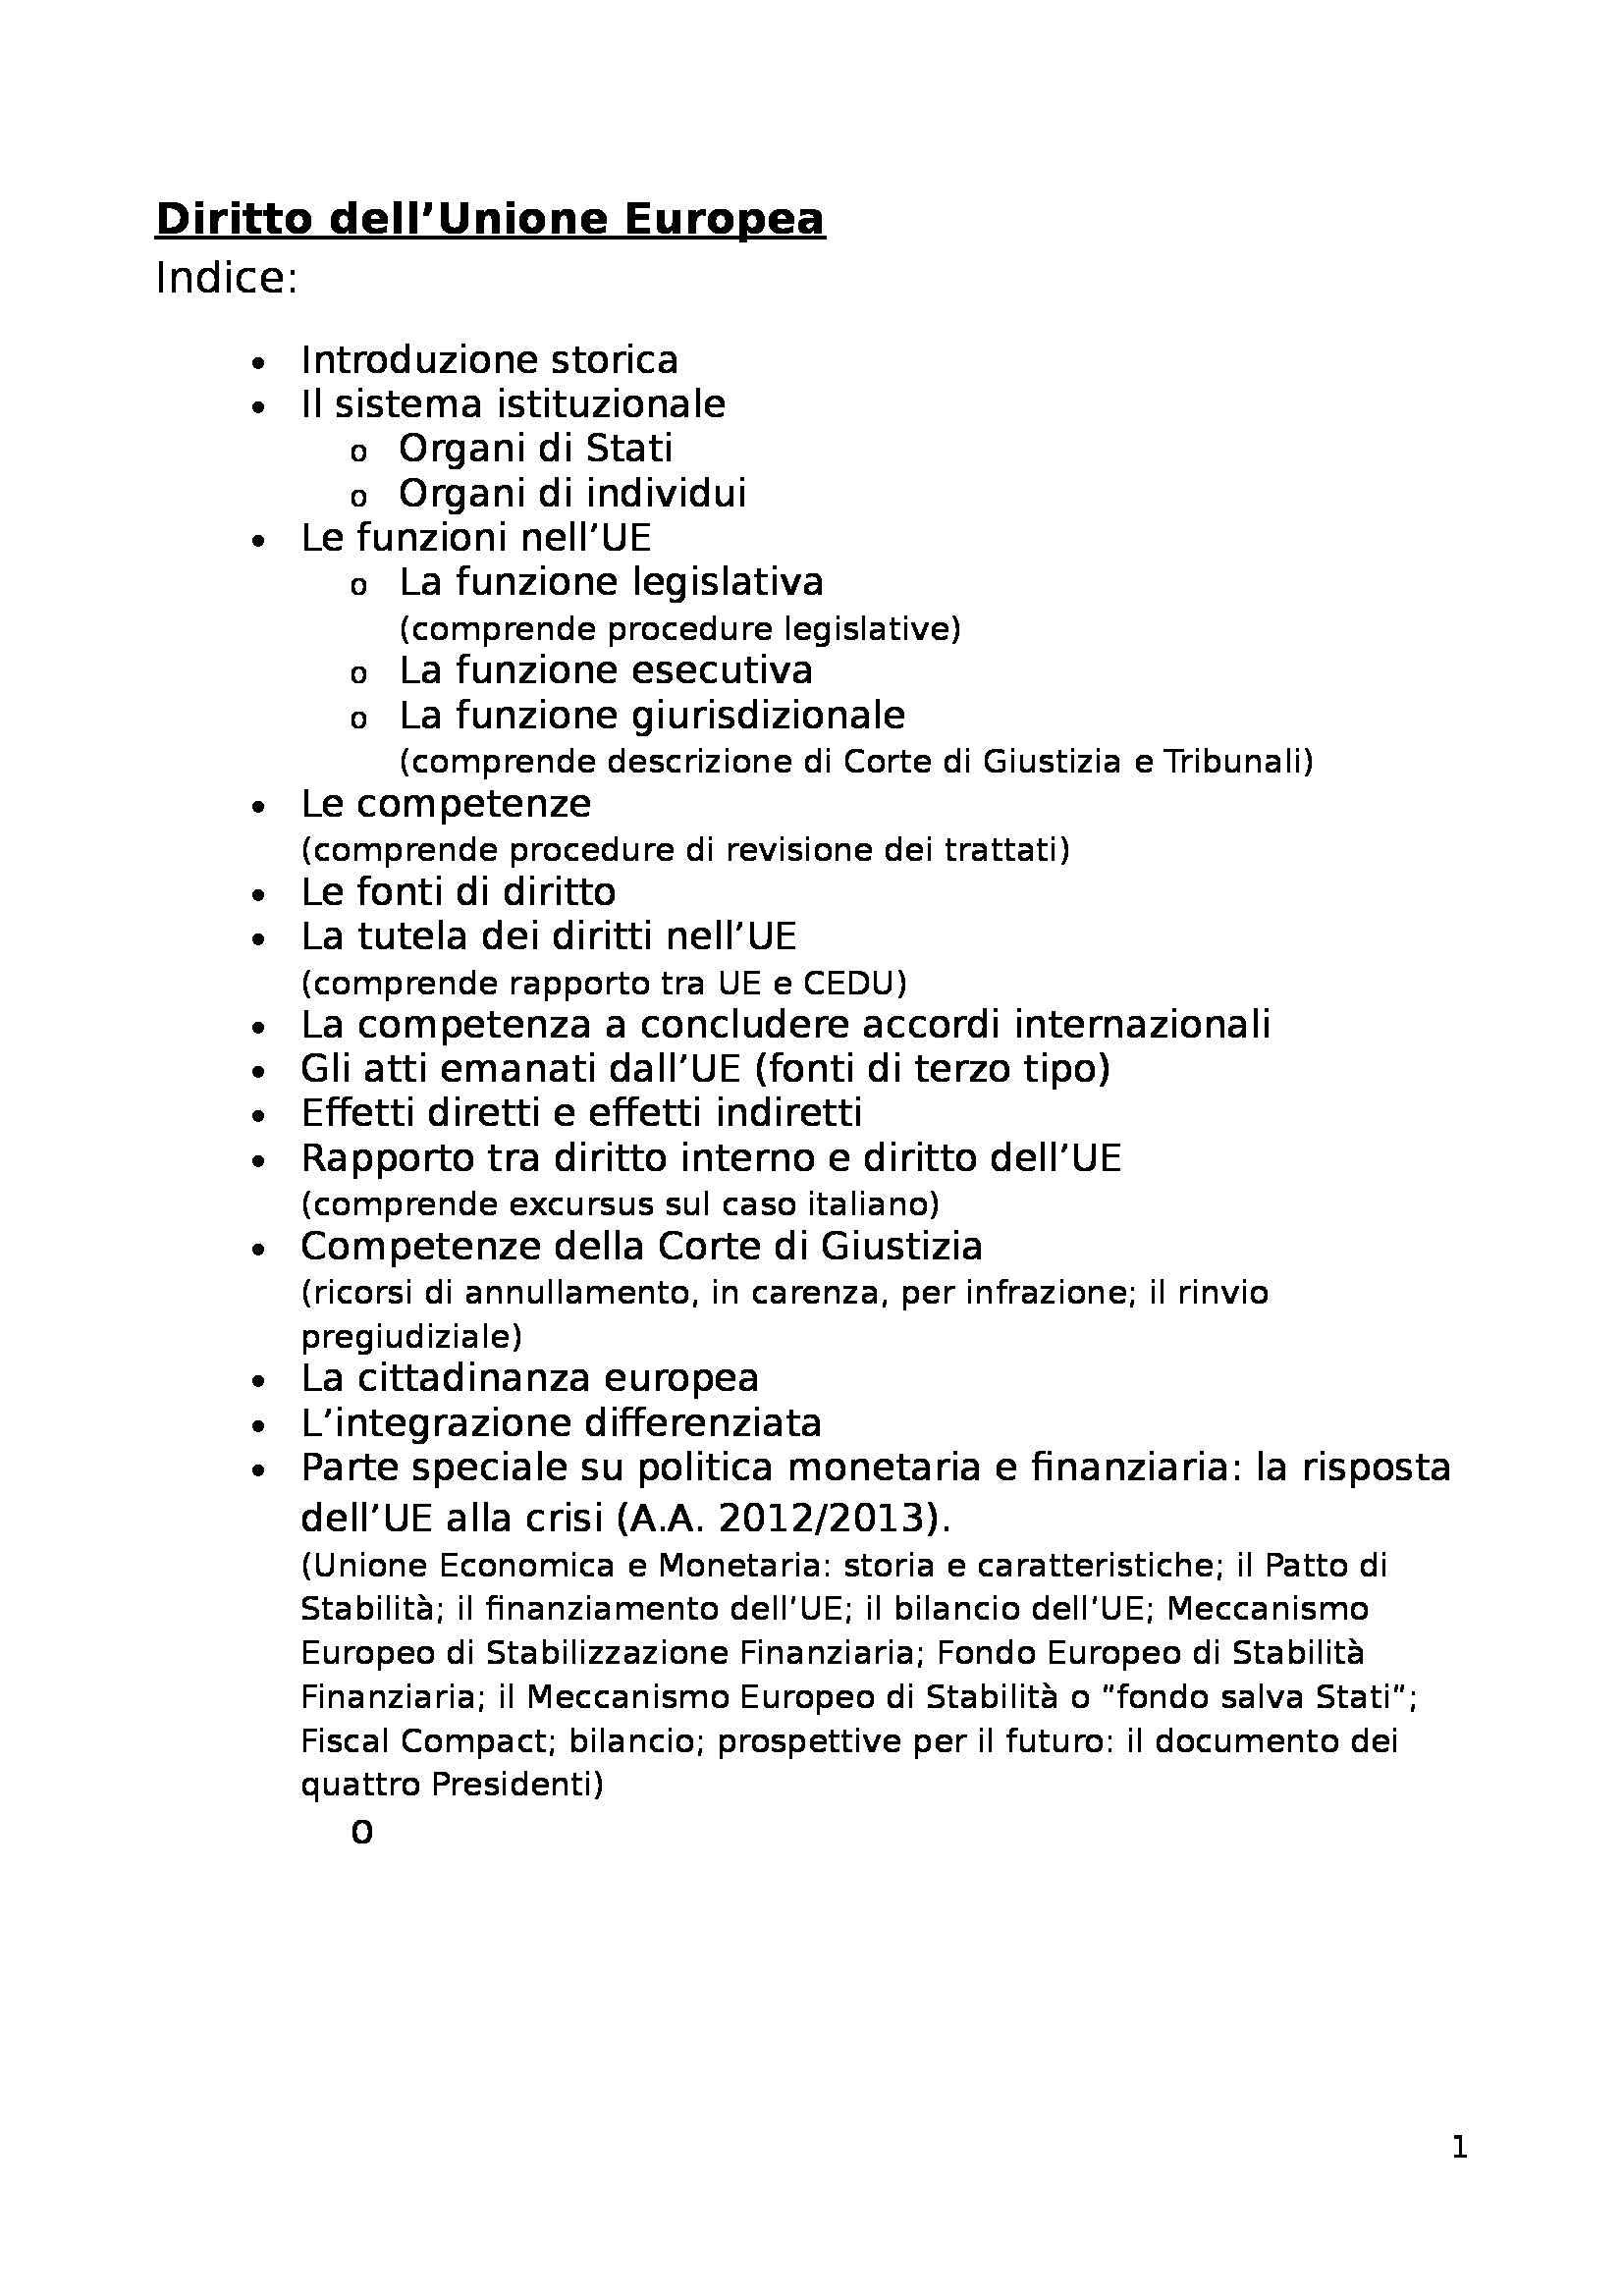 Diritto dell'Unione Europea - Appunti